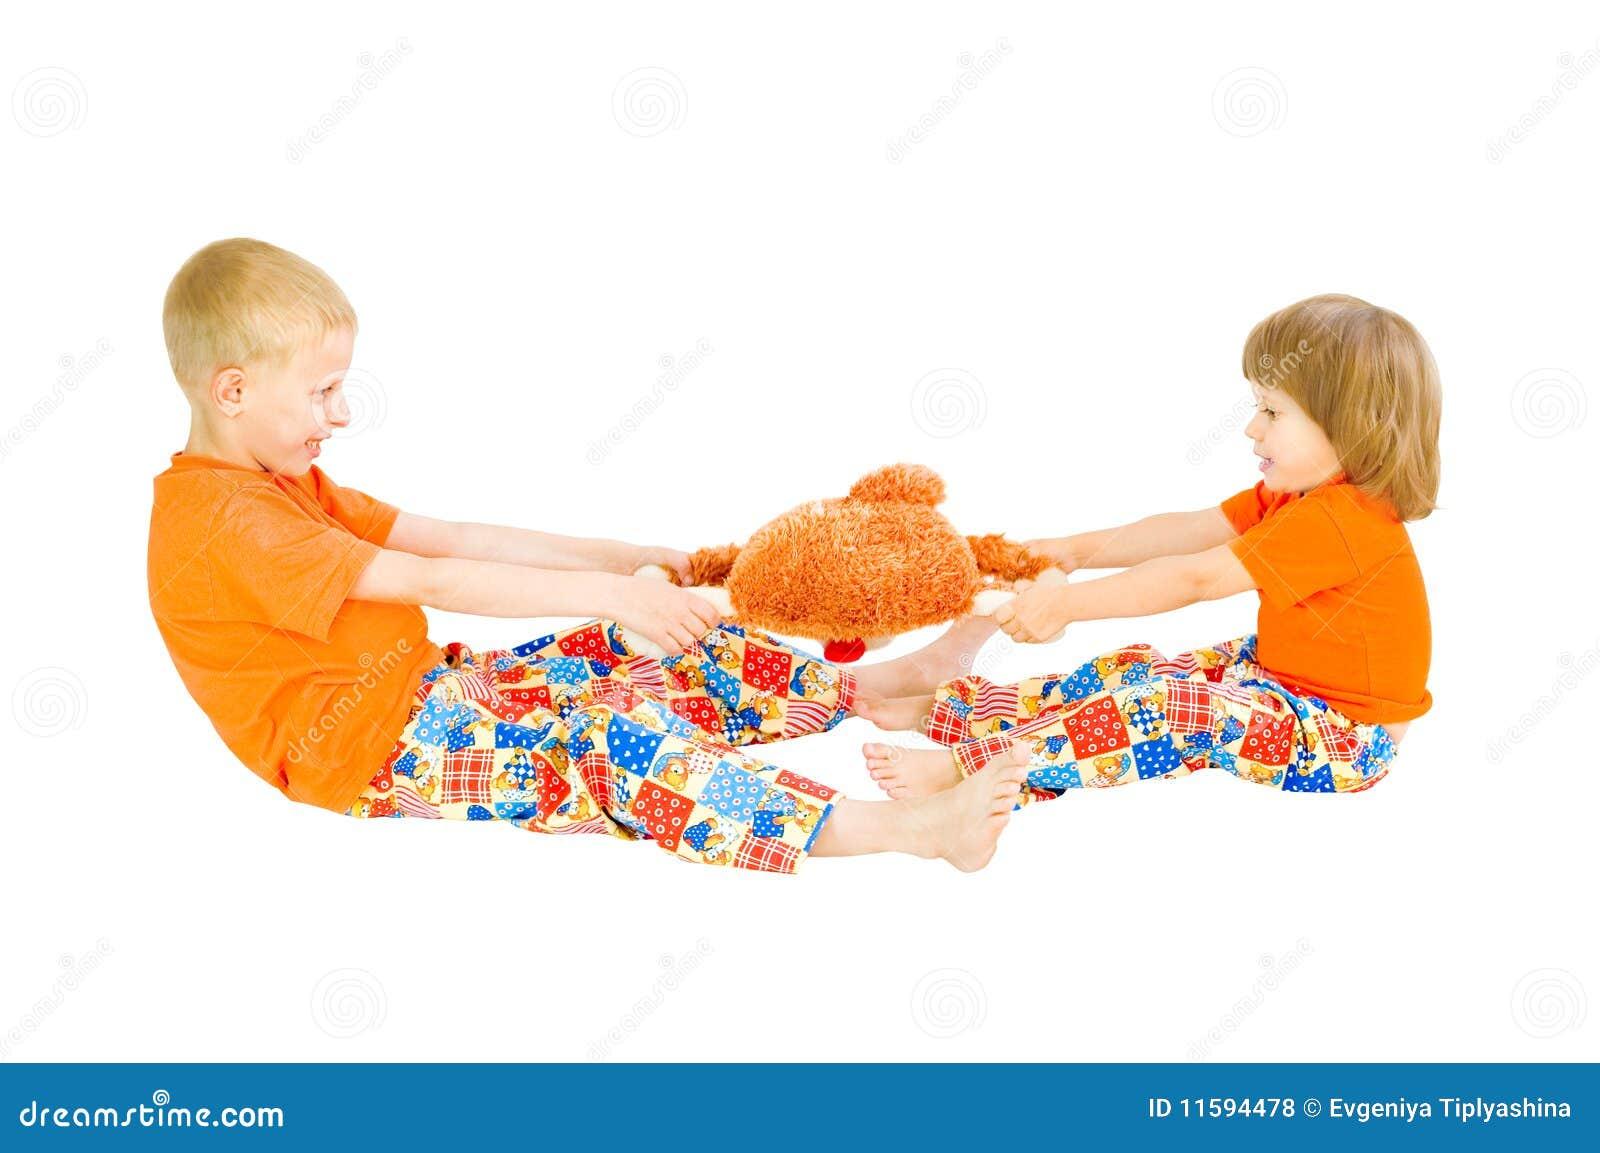 Download Kinder Teilen Ein Spielzeug Stockfoto - Bild von hintergrund, allgemein: 11594478